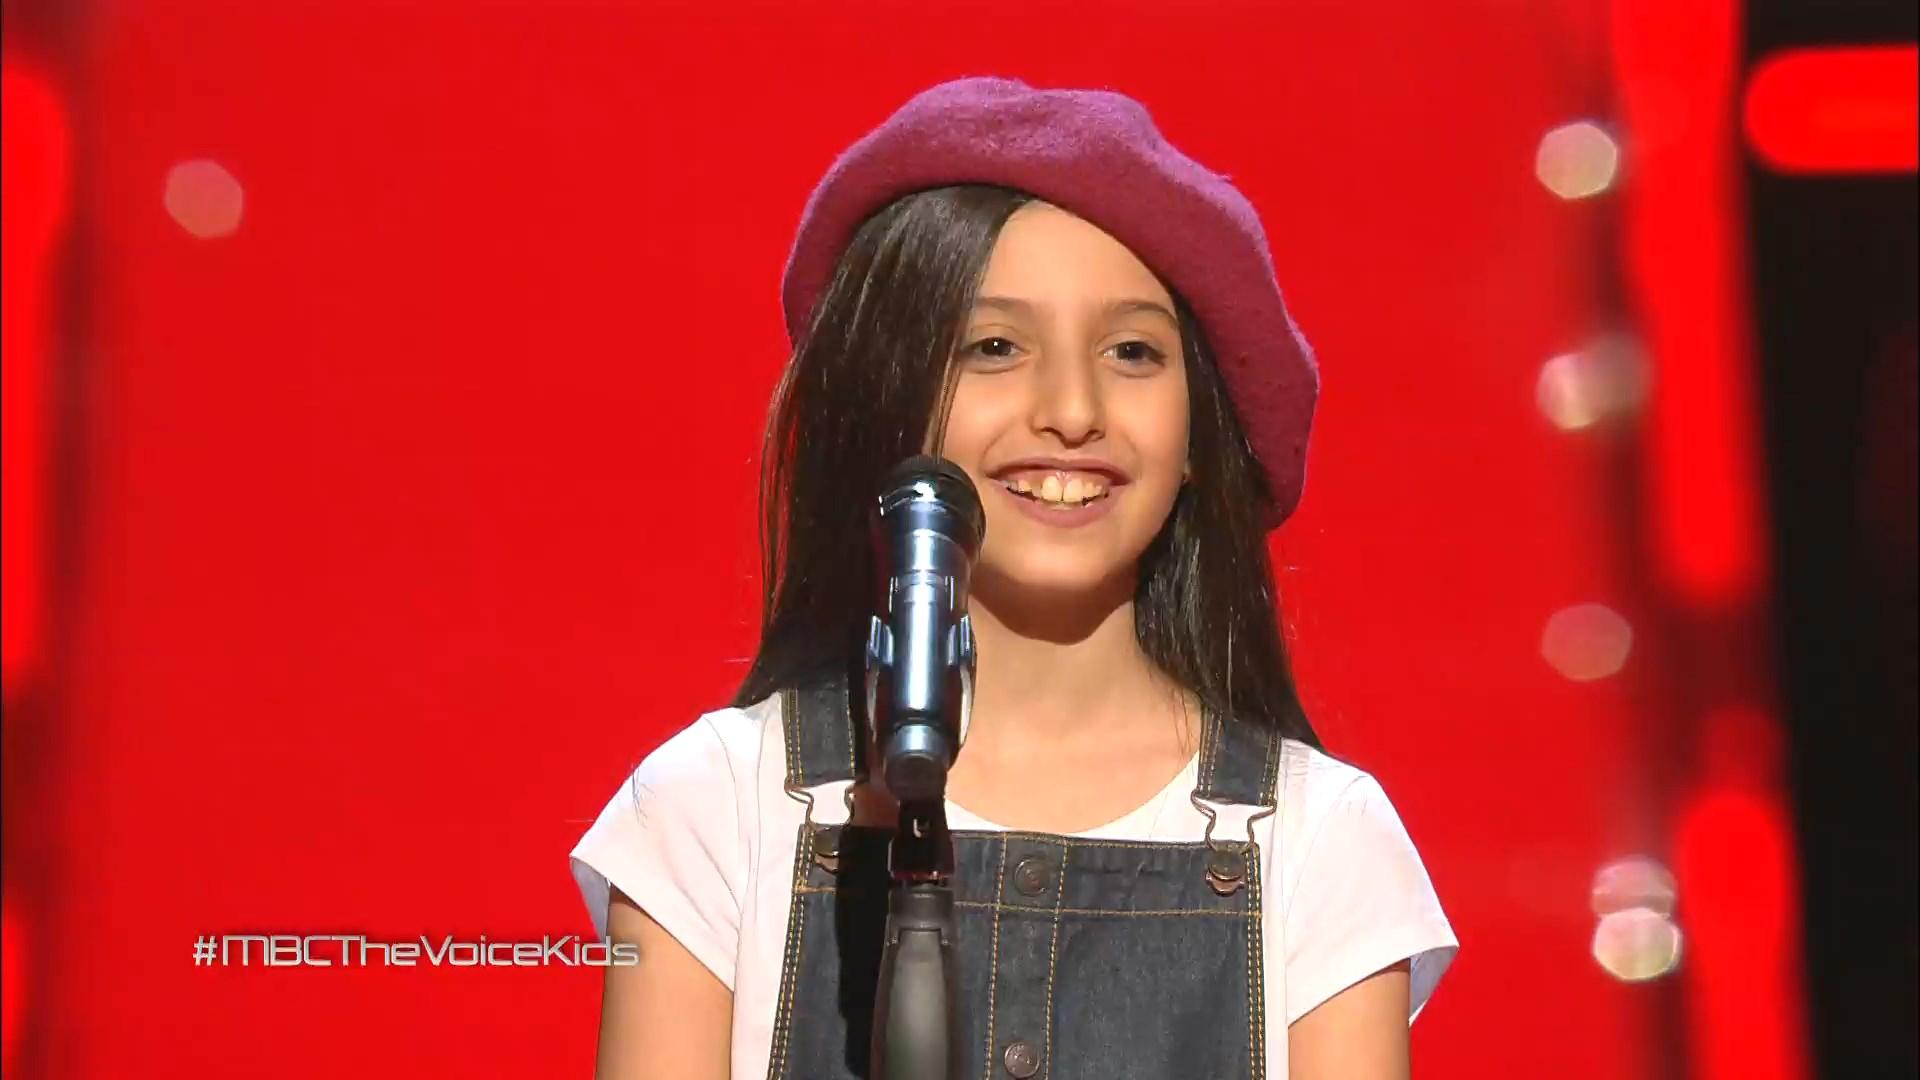 The Voice Kids احلى صوت [ الموسم 3 ] [ الحلقة 4 ] تحميل تورنت 3 arabp2p.com